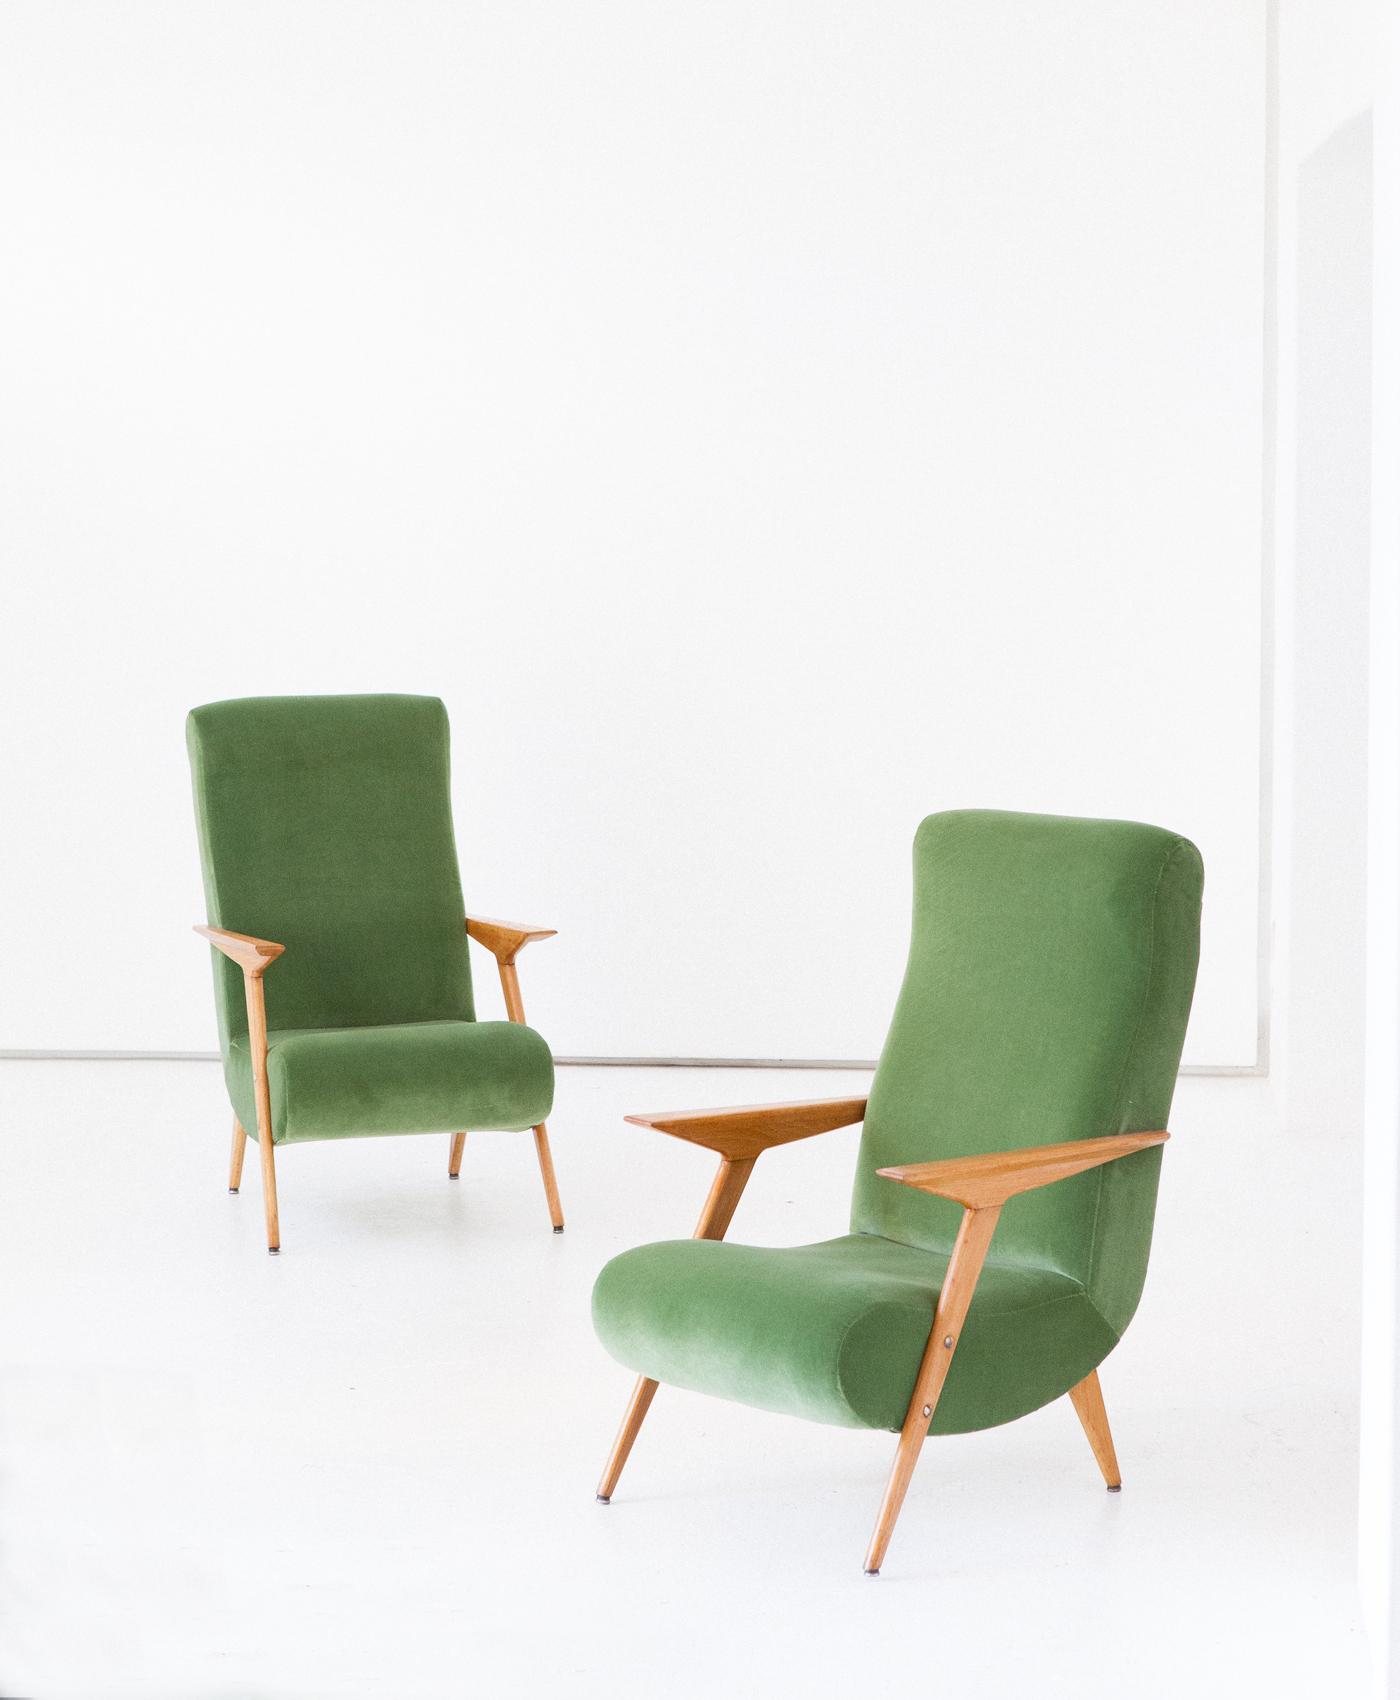 seating-247.6